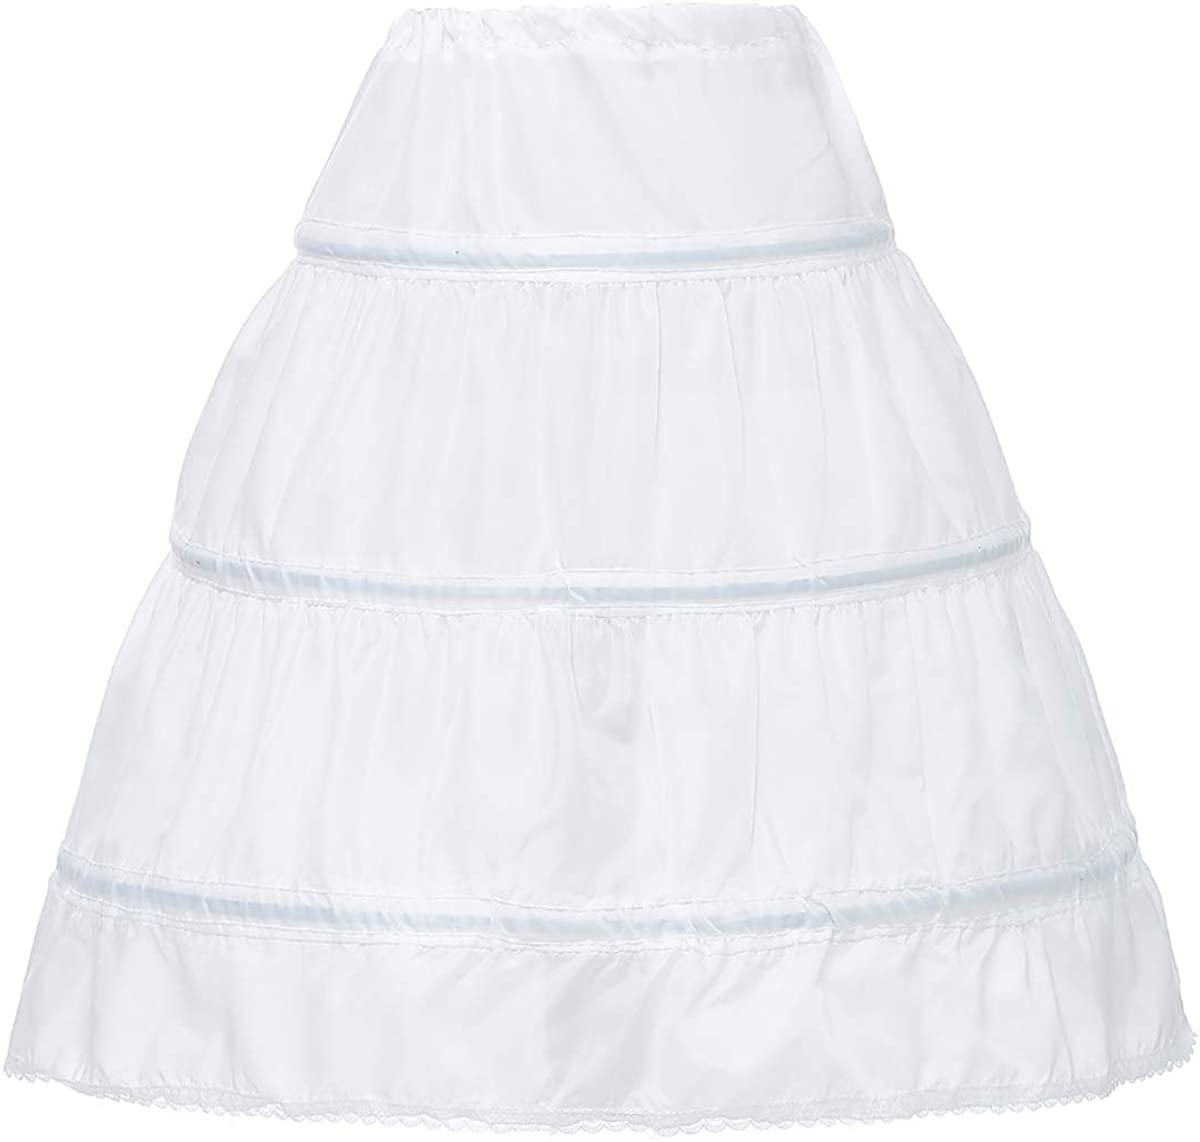 Milkbridal Girls 3 Hoops Petticoat for Girls Full Slip Flower Girl Crinoline Skirt